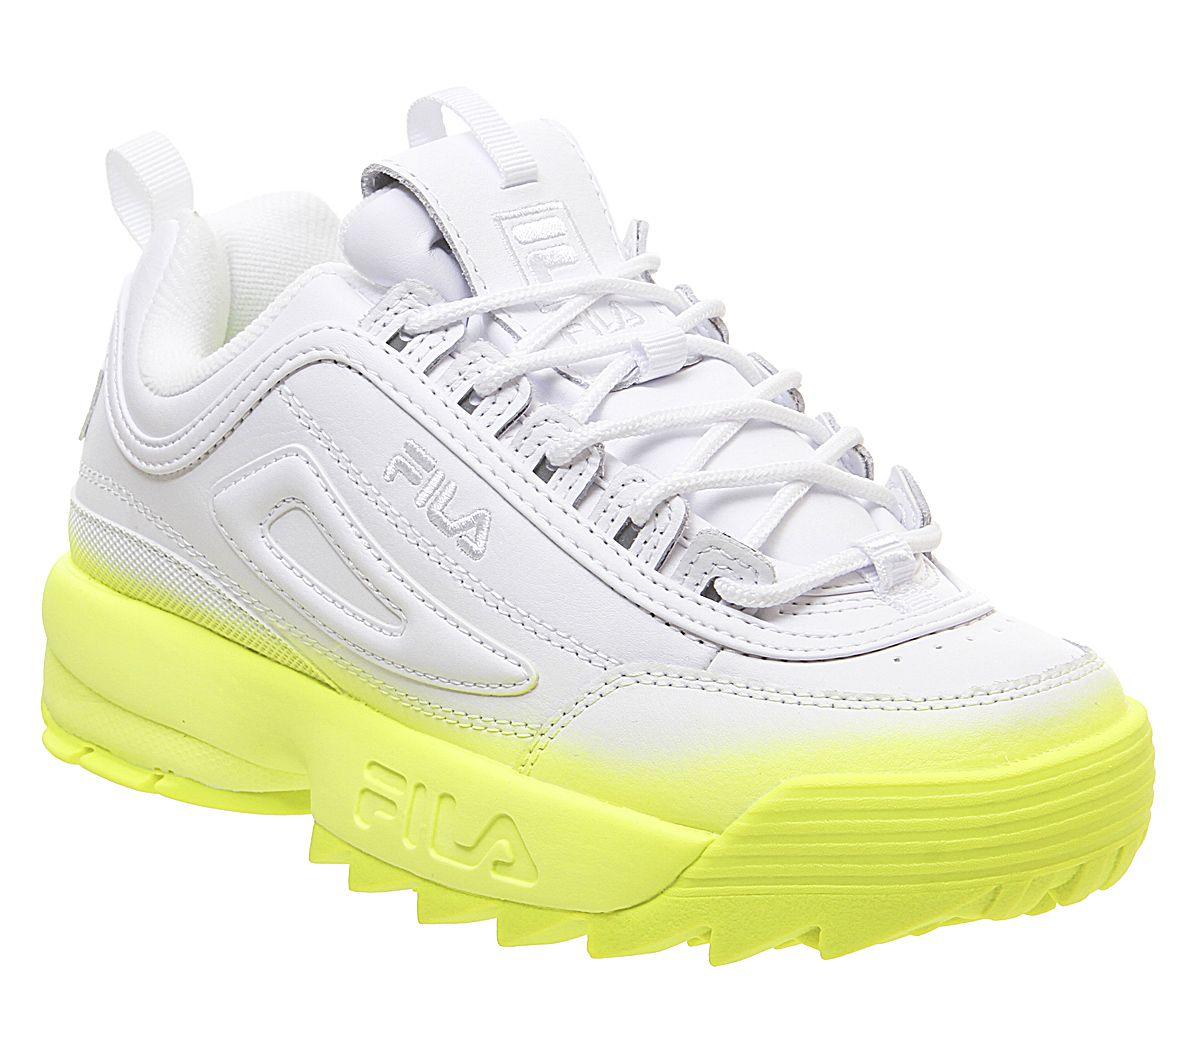 Detalles de Mujer Fila Disruptor II Zapatillas Blanco Seguridad Amarillo Desteñir Deportivas